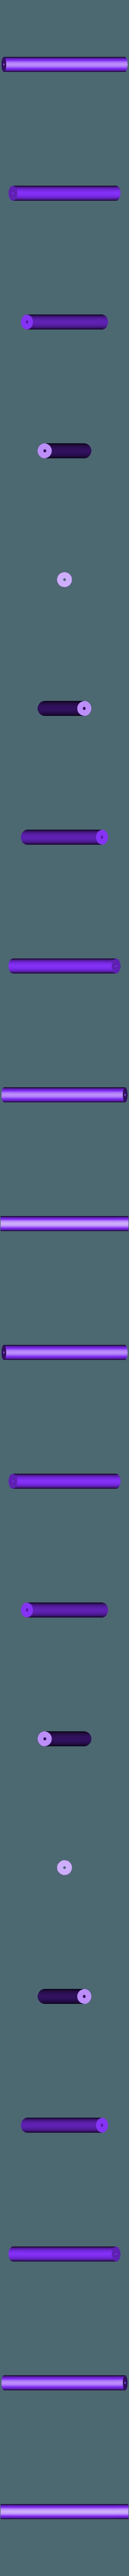 300x300x350 - Red - Grip (Smooth).stl Download STL file Final Fantasy VII - Buster Sword - Bracelet - Shoulder pad  • 3D print model, 3Dutchie